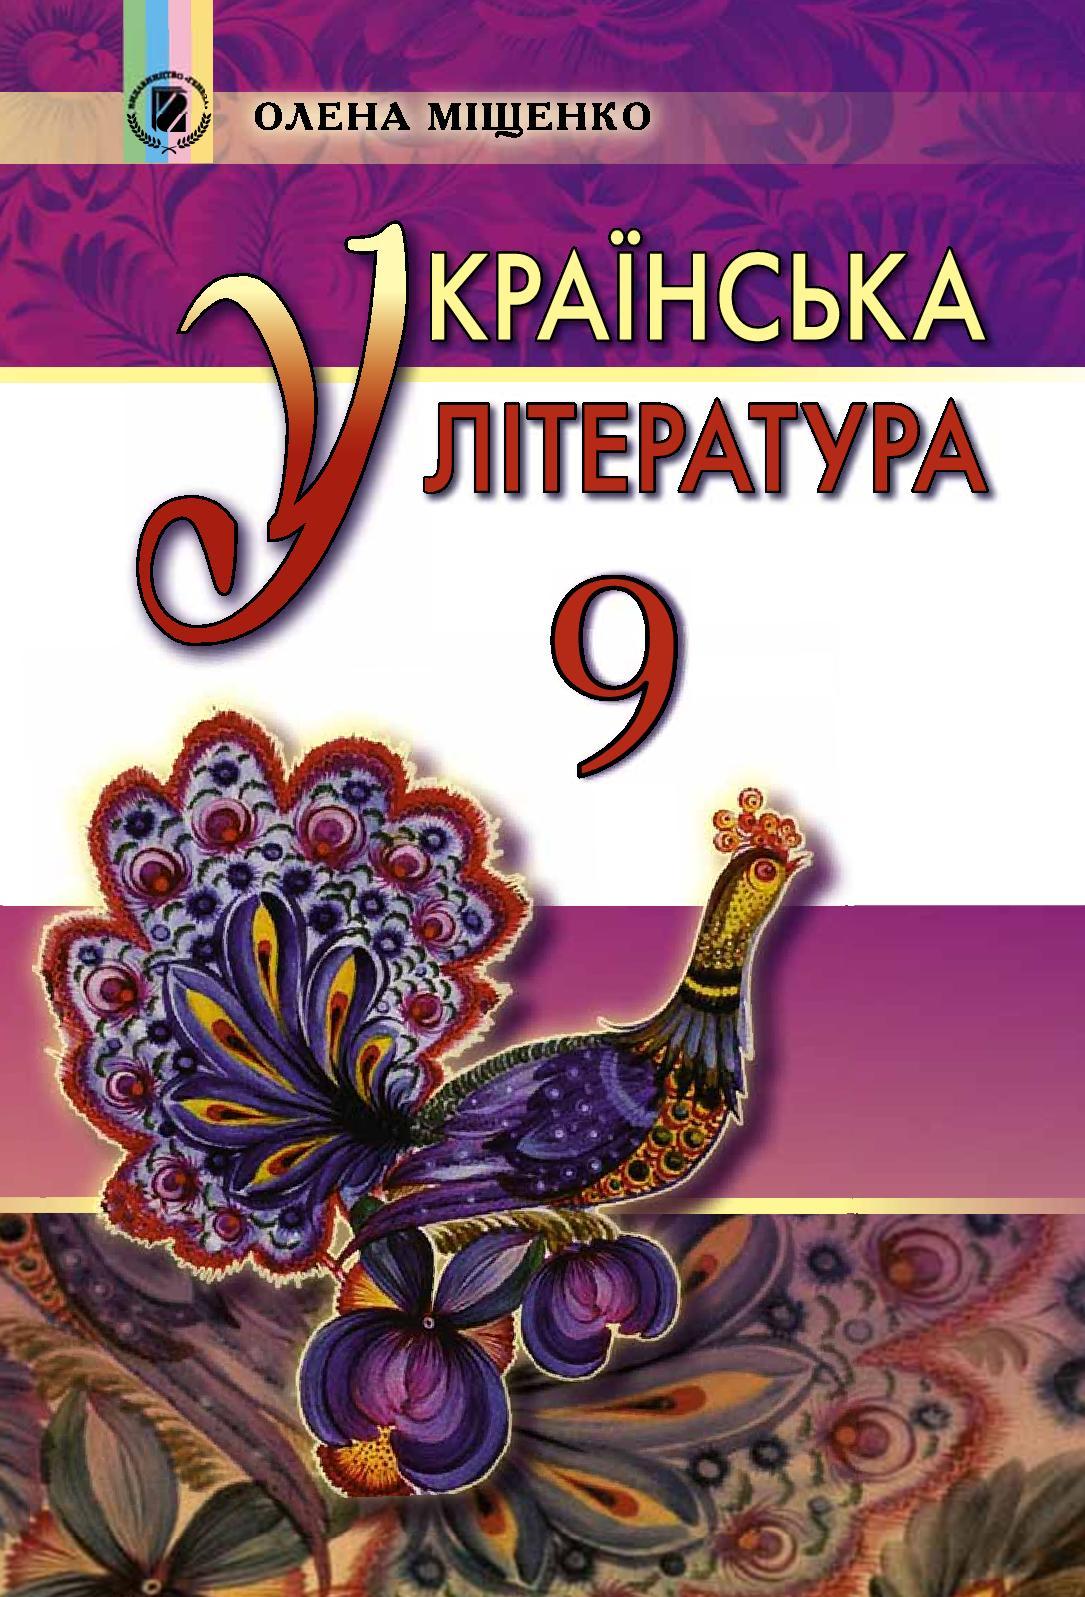 Гдз укр.лит 8 класс мищенко